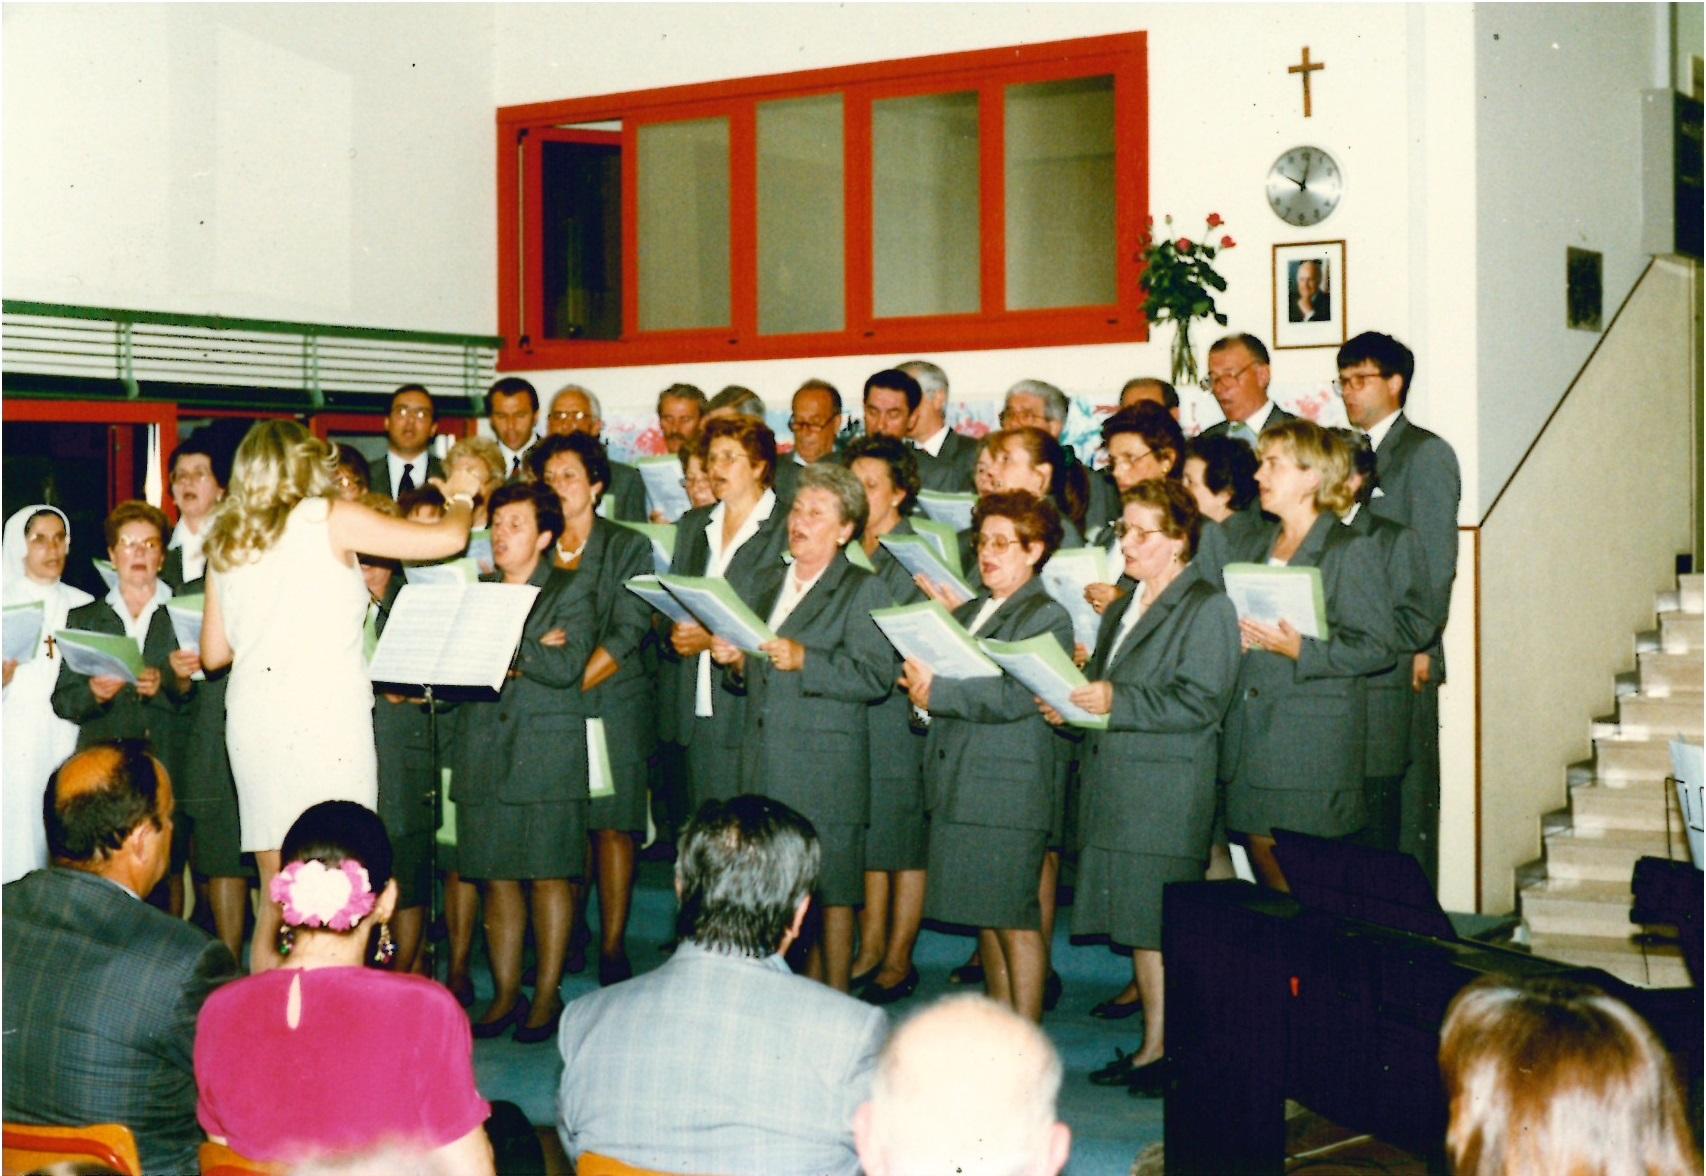 Concerto di Natale presso la scuola elementare di Via Marconi